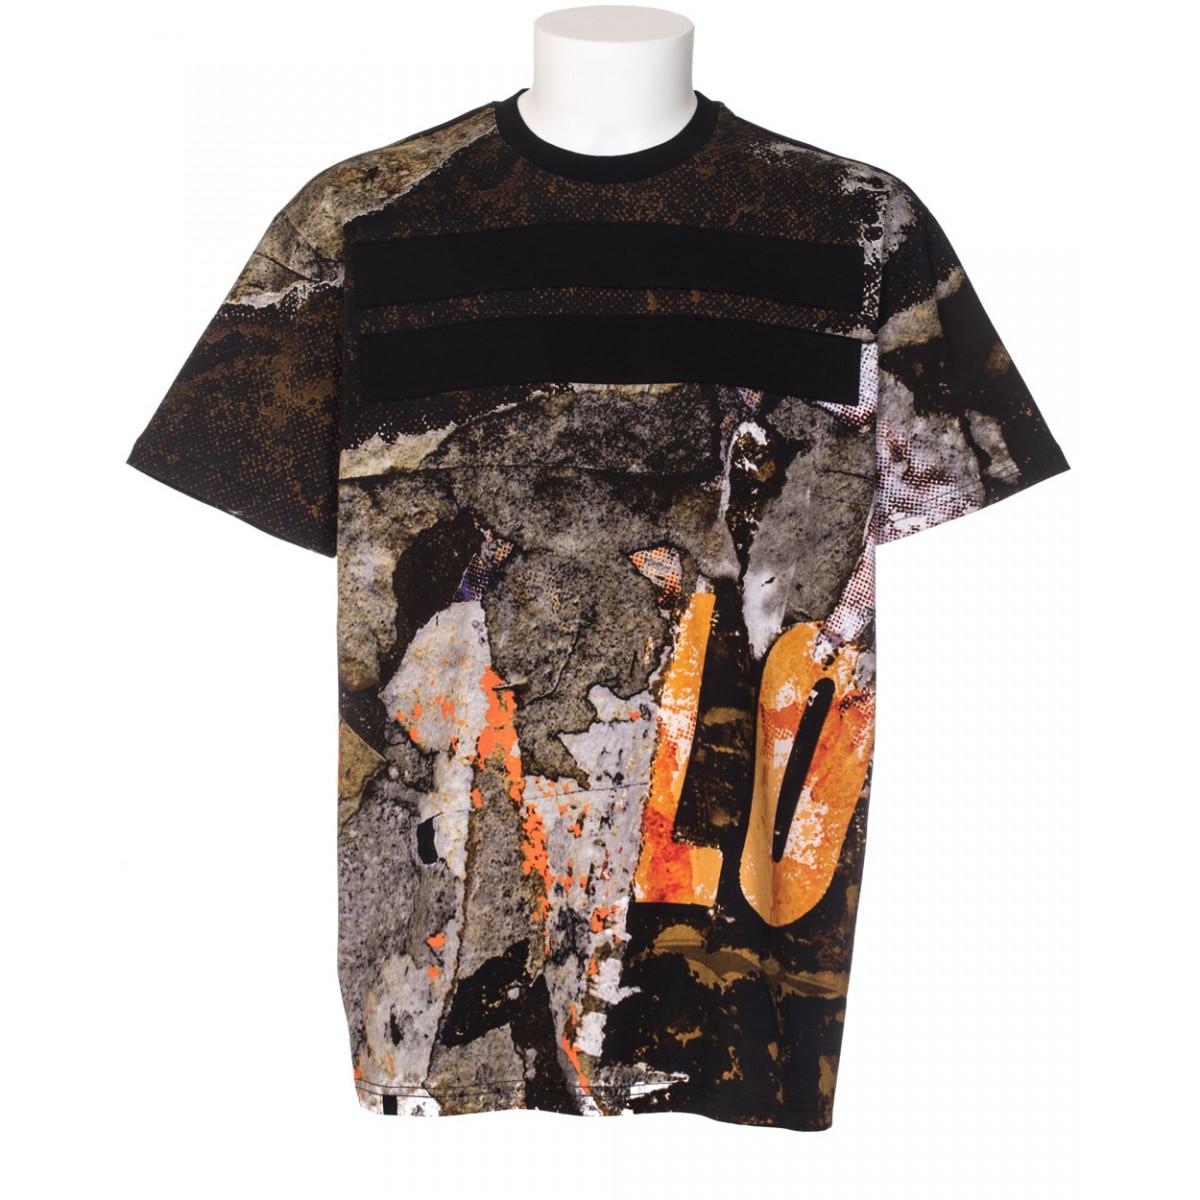 Givenchy Snake Shirt Givenchy T-shirt Columbian Fit